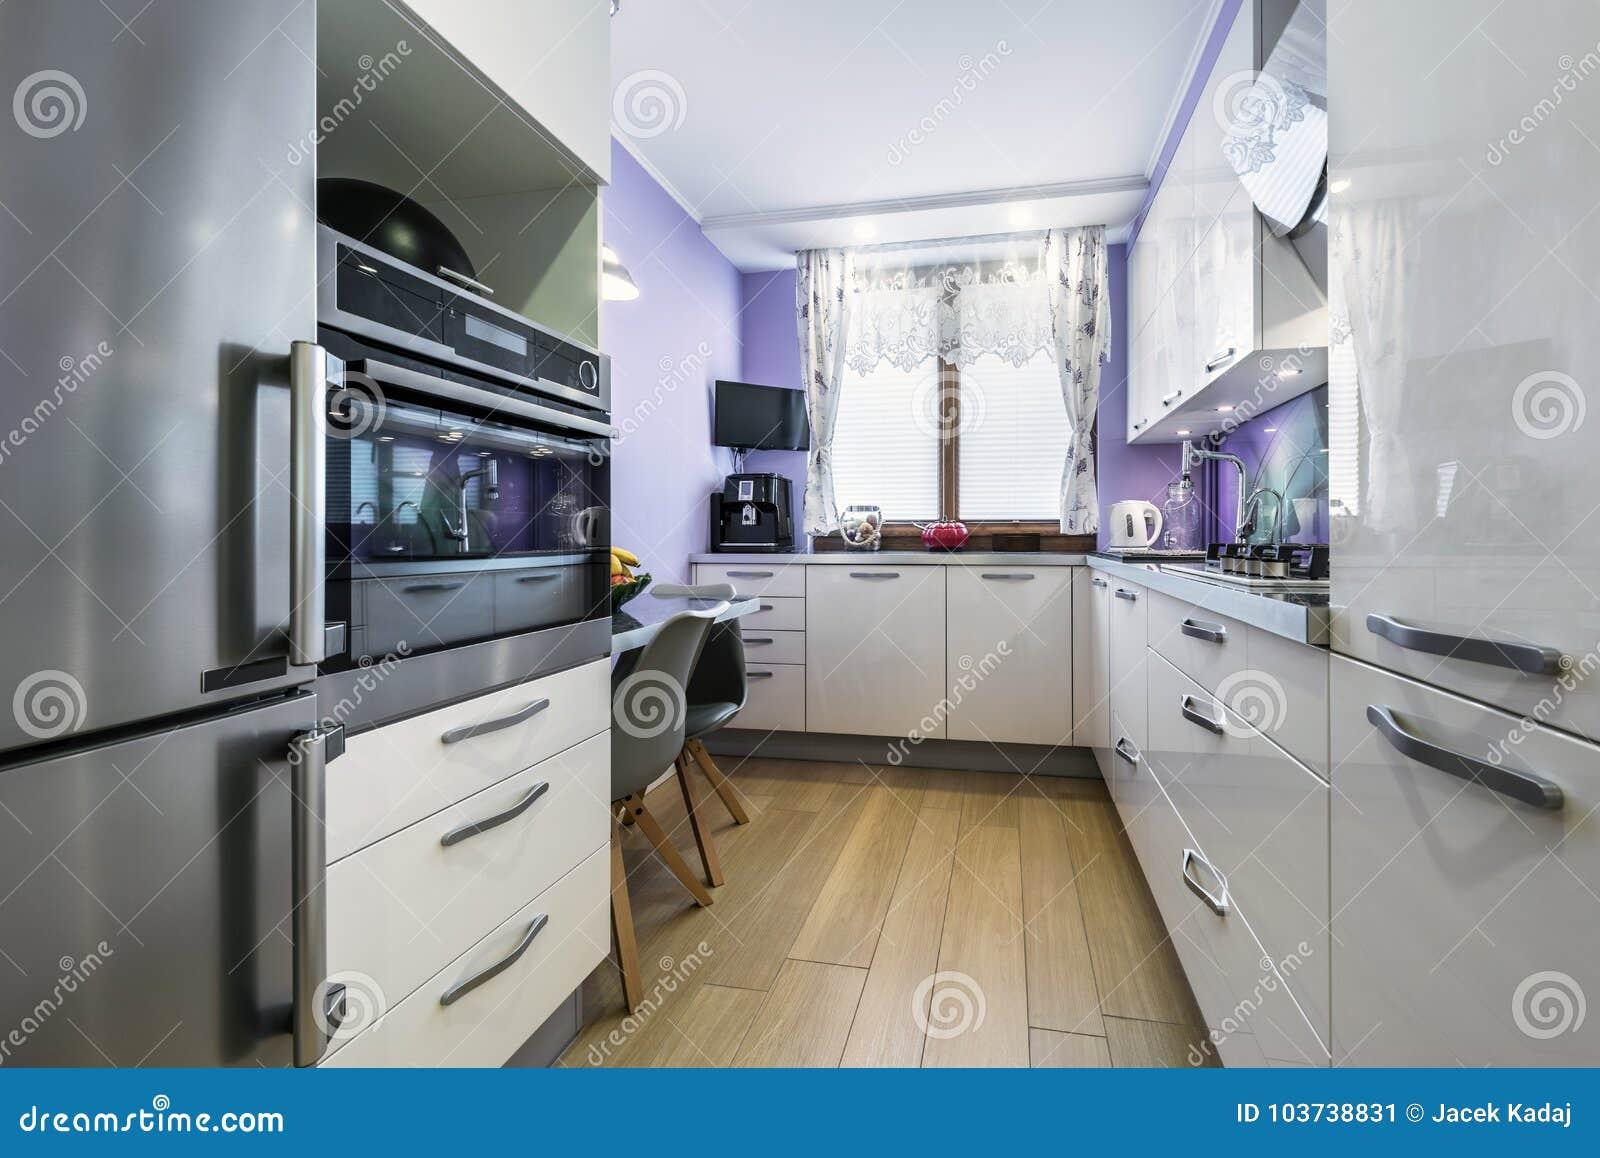 Disegno Interno Della Cucina Moderna Immagine Stock ...